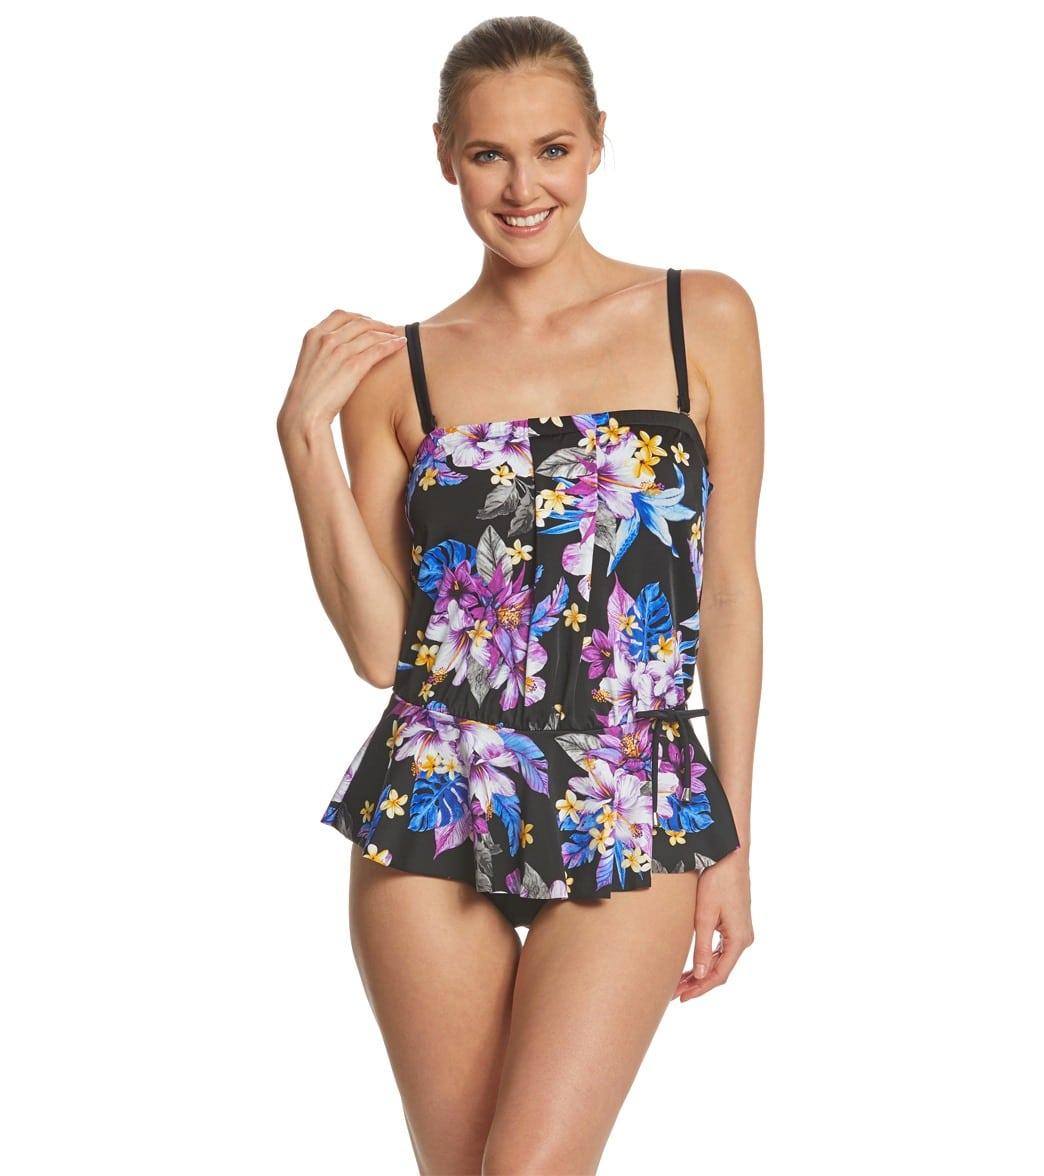 579b7b34e25 Maxine Midnight Garden Peplum One Piece Swimsuit at SwimOutlet.com ...